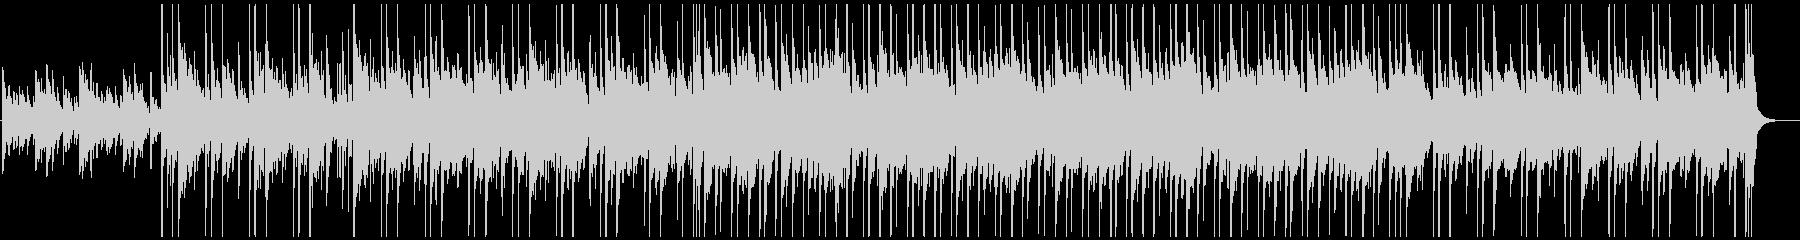 日常シーンなどに使えるBGMの未再生の波形